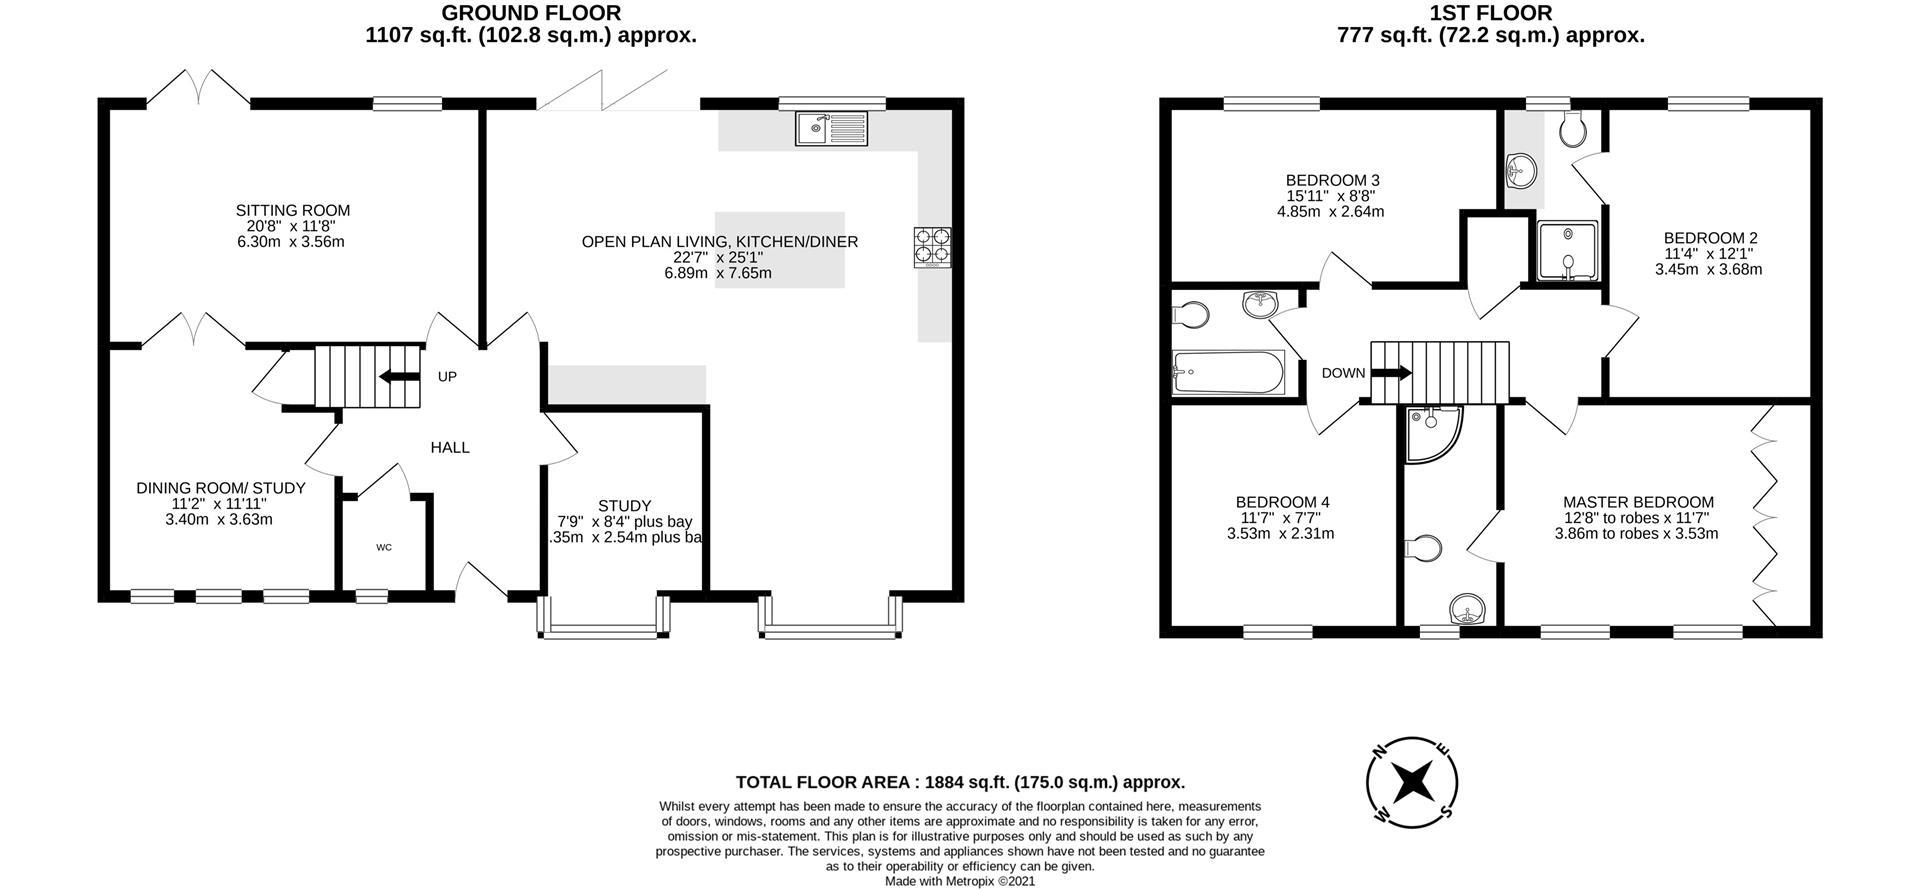 52CoalesGardens_floorplan (5).jpg